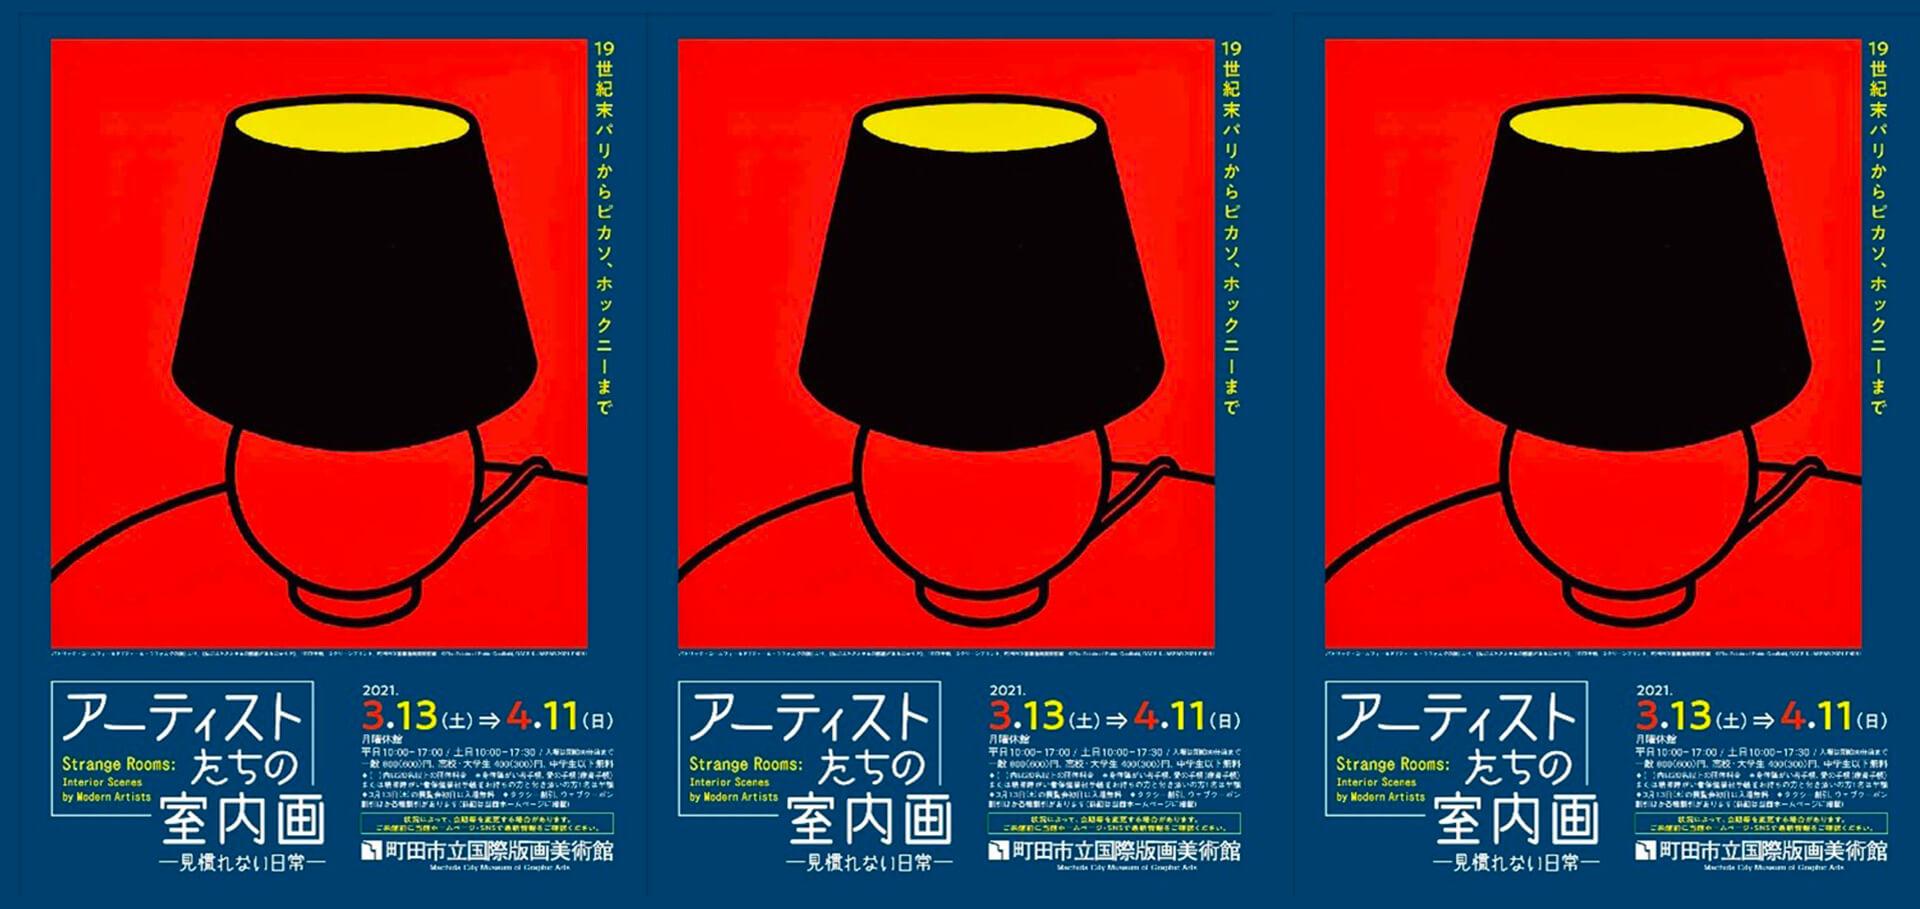 町田市立国際版画美術館「アーティストたちの室内画 - 見慣れない日常 - 」